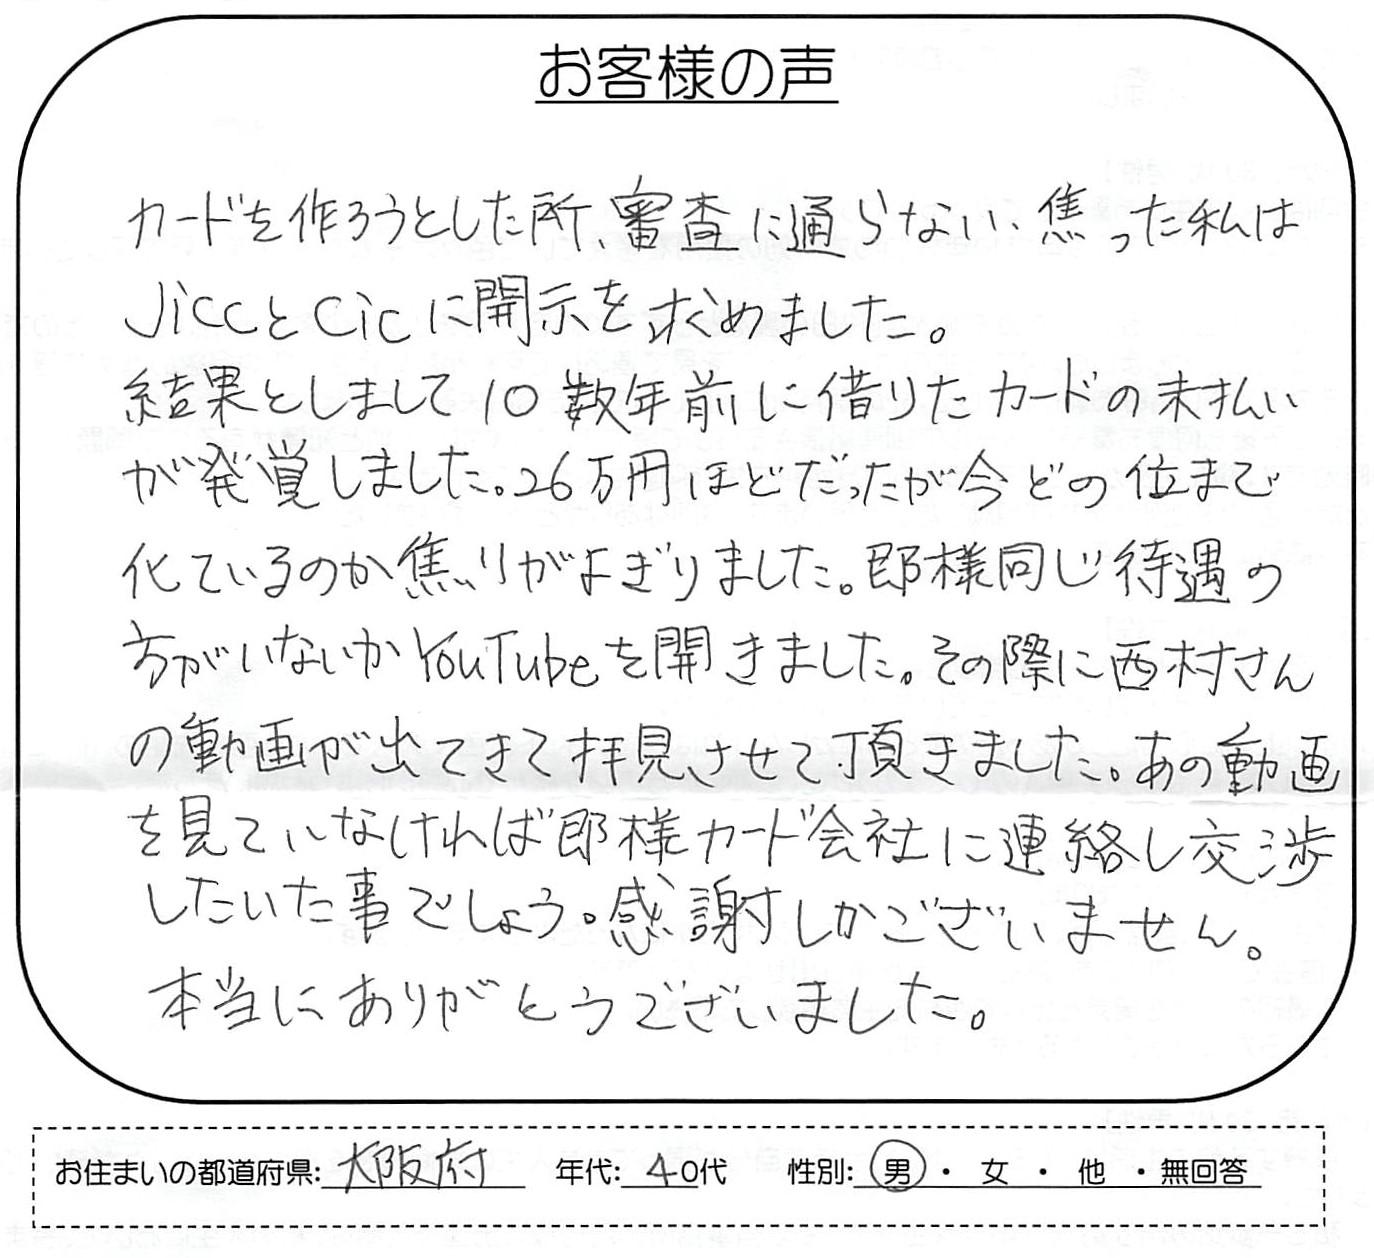 三井住友カードへの時効援用の口コミ・評判